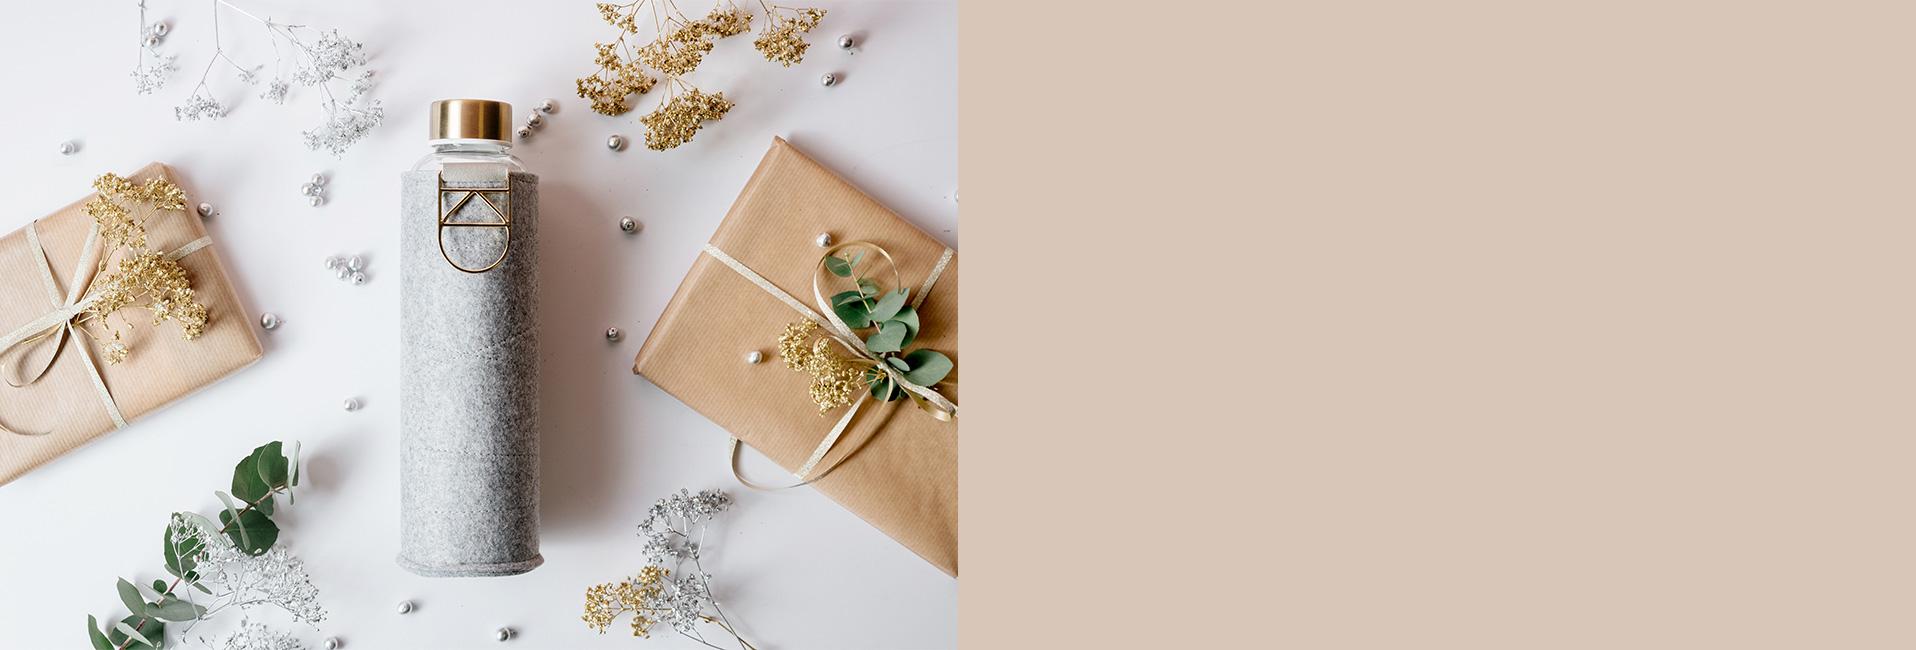 Hledáte dárek pro své blízké?